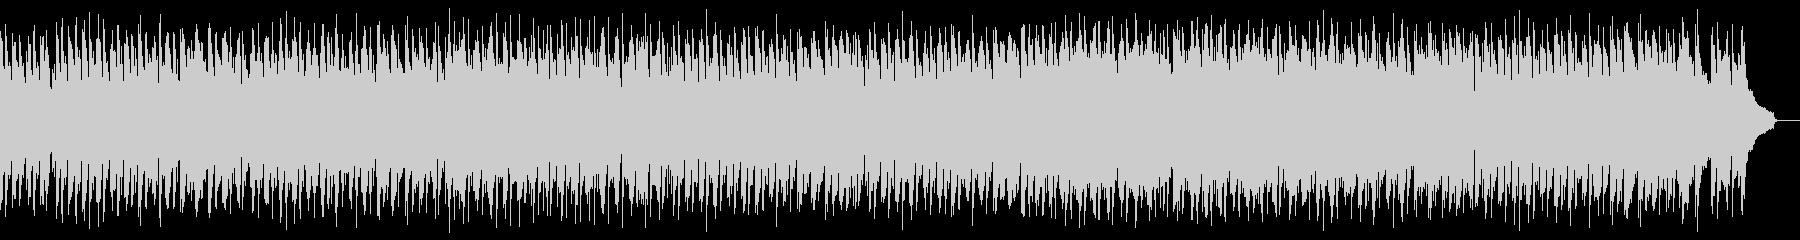 ボサノバ ジャズ ナイロン弦ギター の未再生の波形